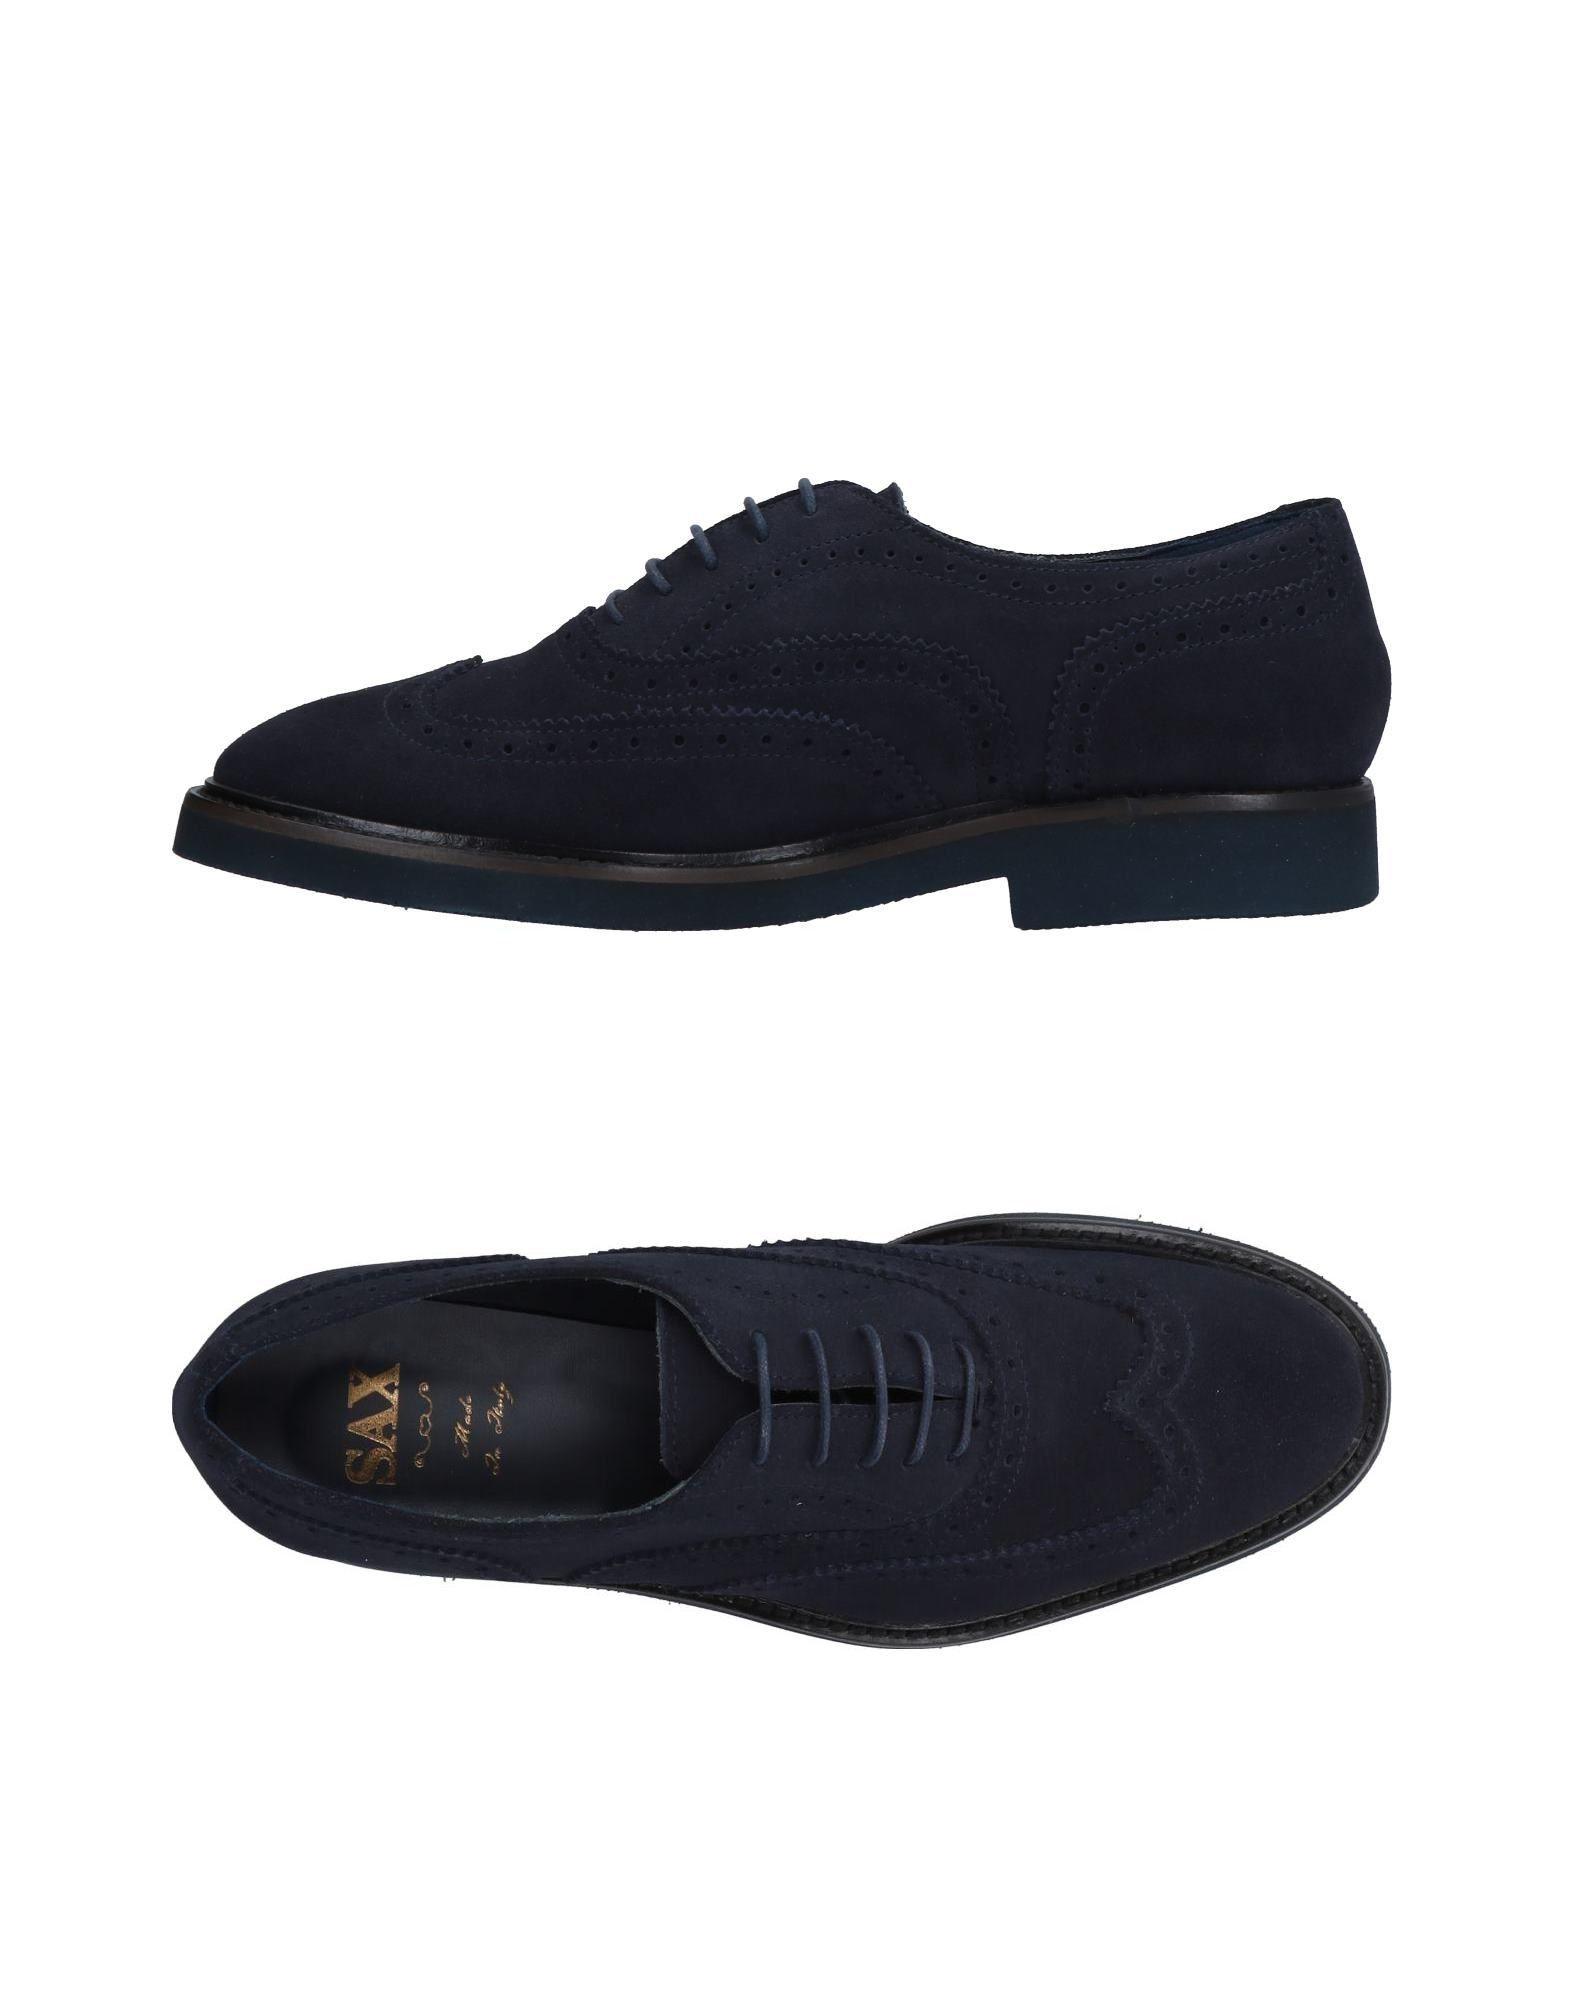 Sax Schnürschuhe Damen Damen Schnürschuhe 11511043CR Gute Qualität beliebte Schuhe e432f3